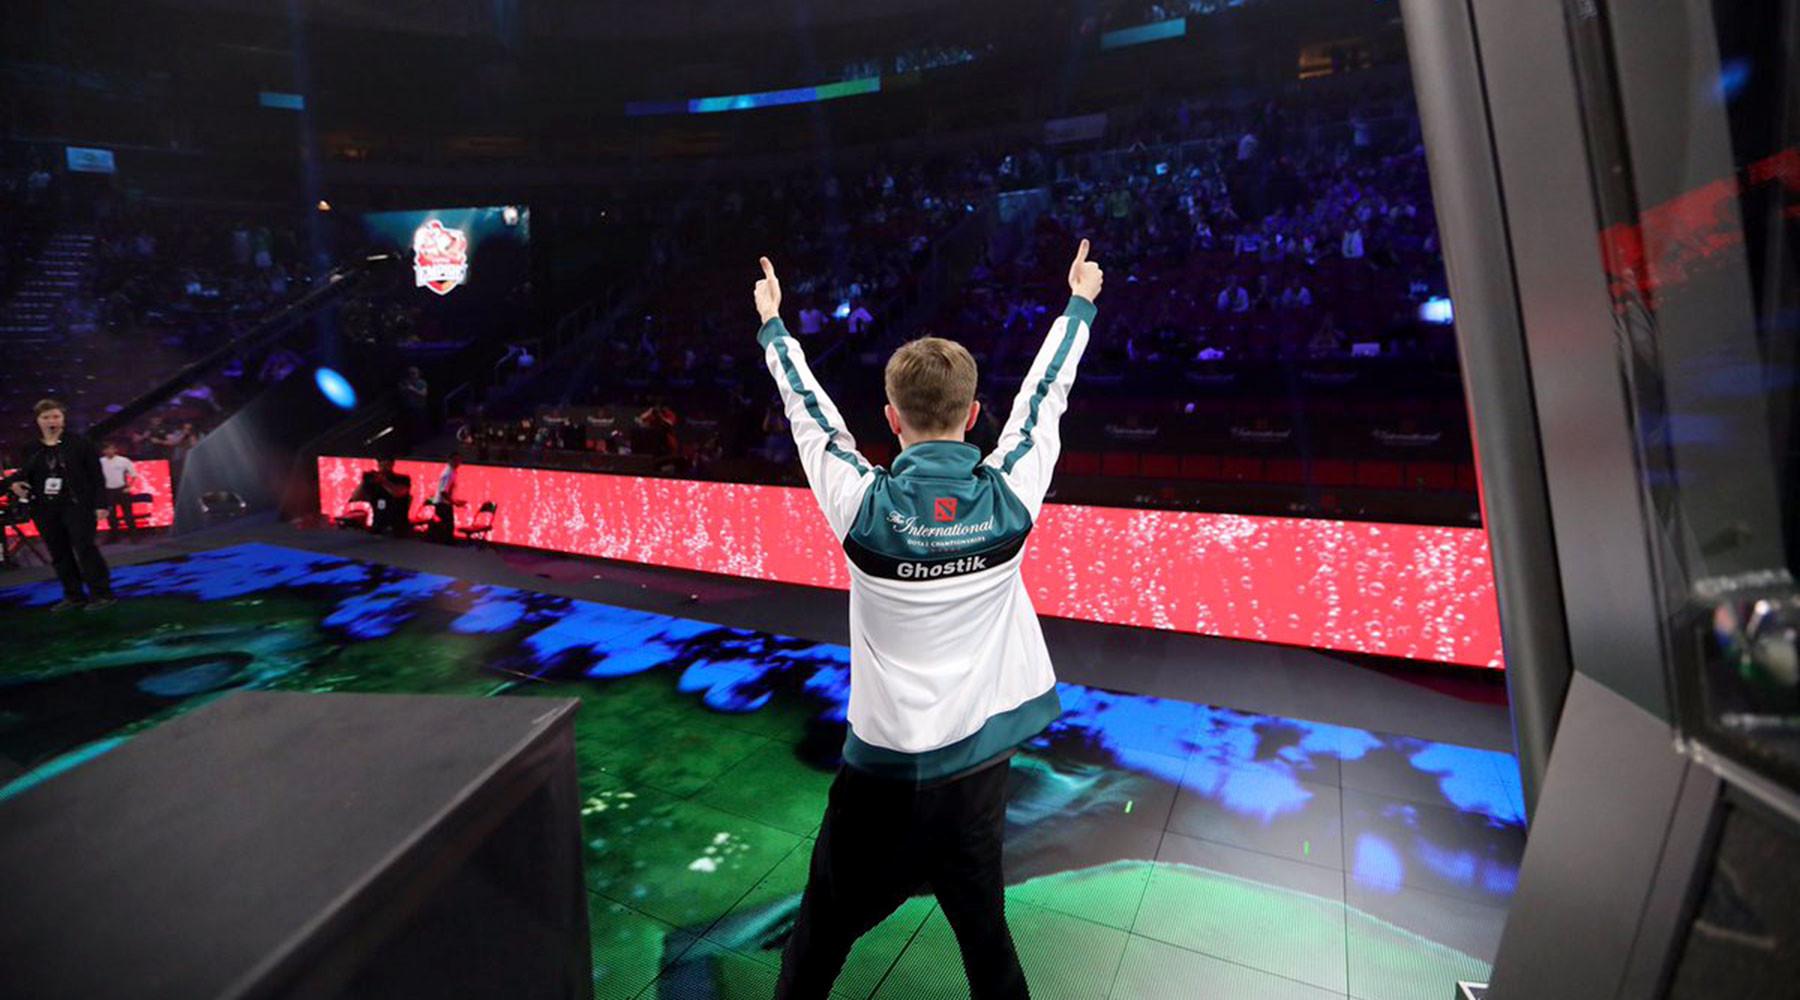 Киберспортивный прорыв: российские команды покоряют чемпионат мира по Dota 2 в США